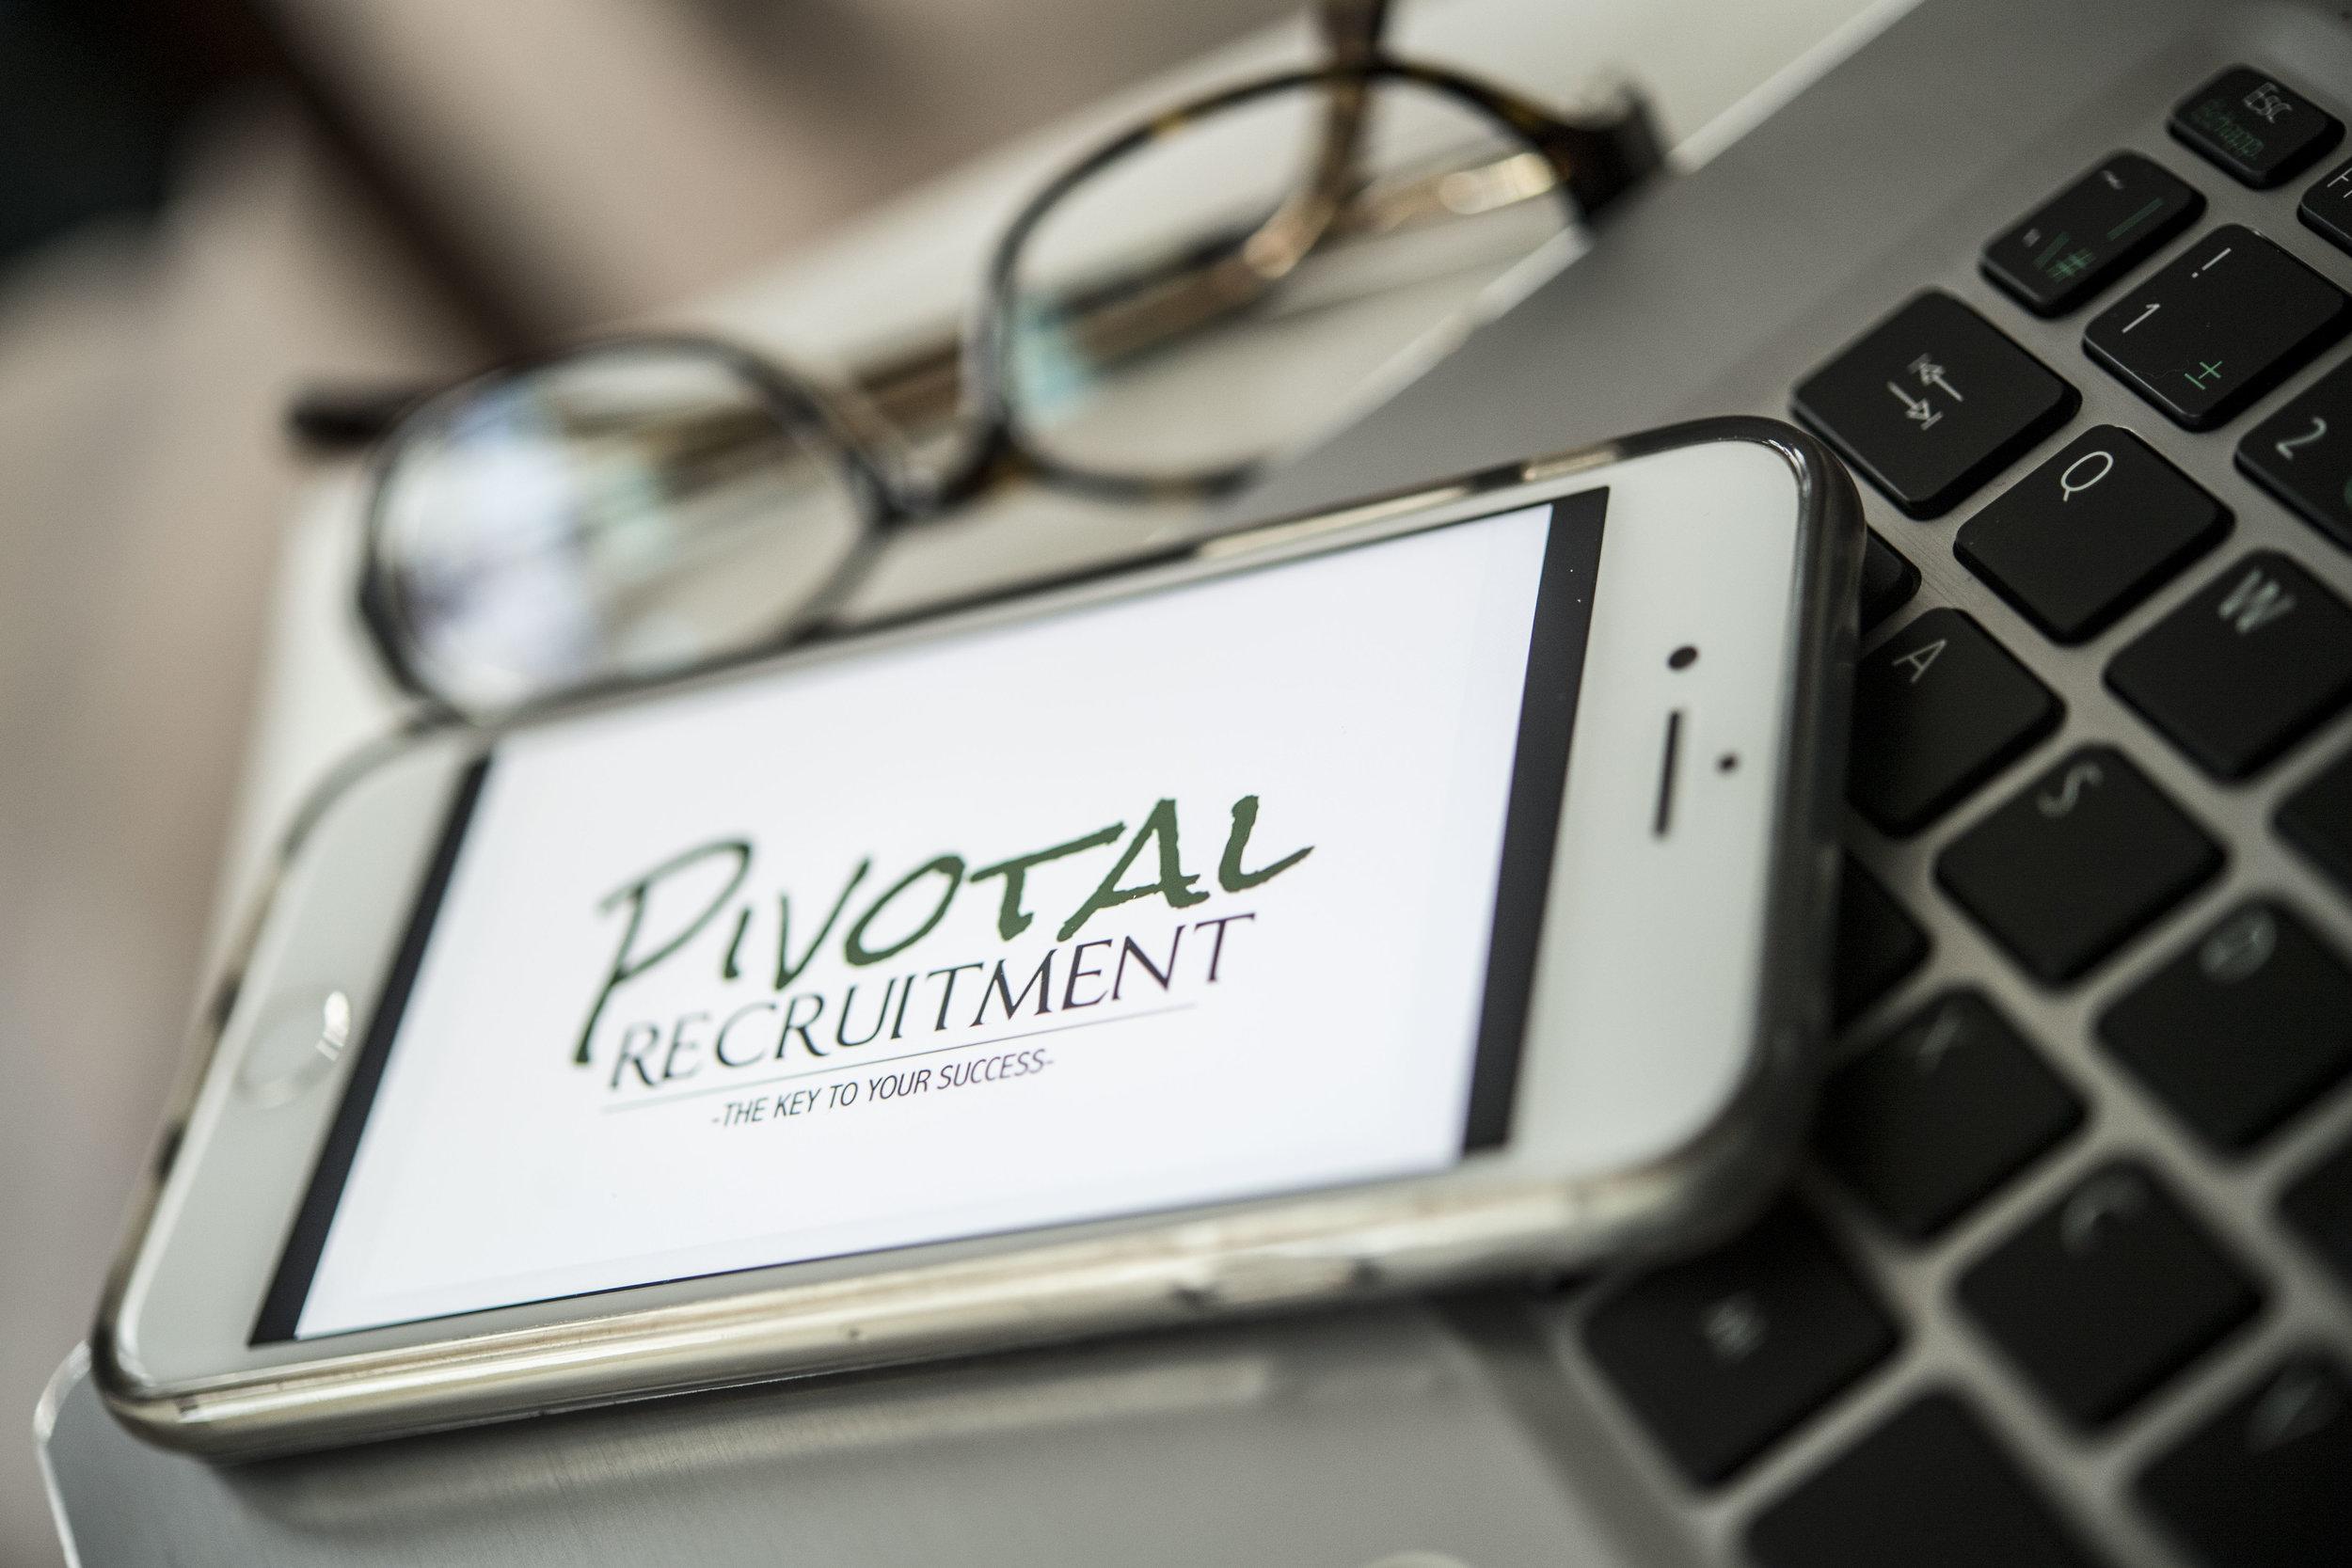 Pivotal recruitment saskatoon